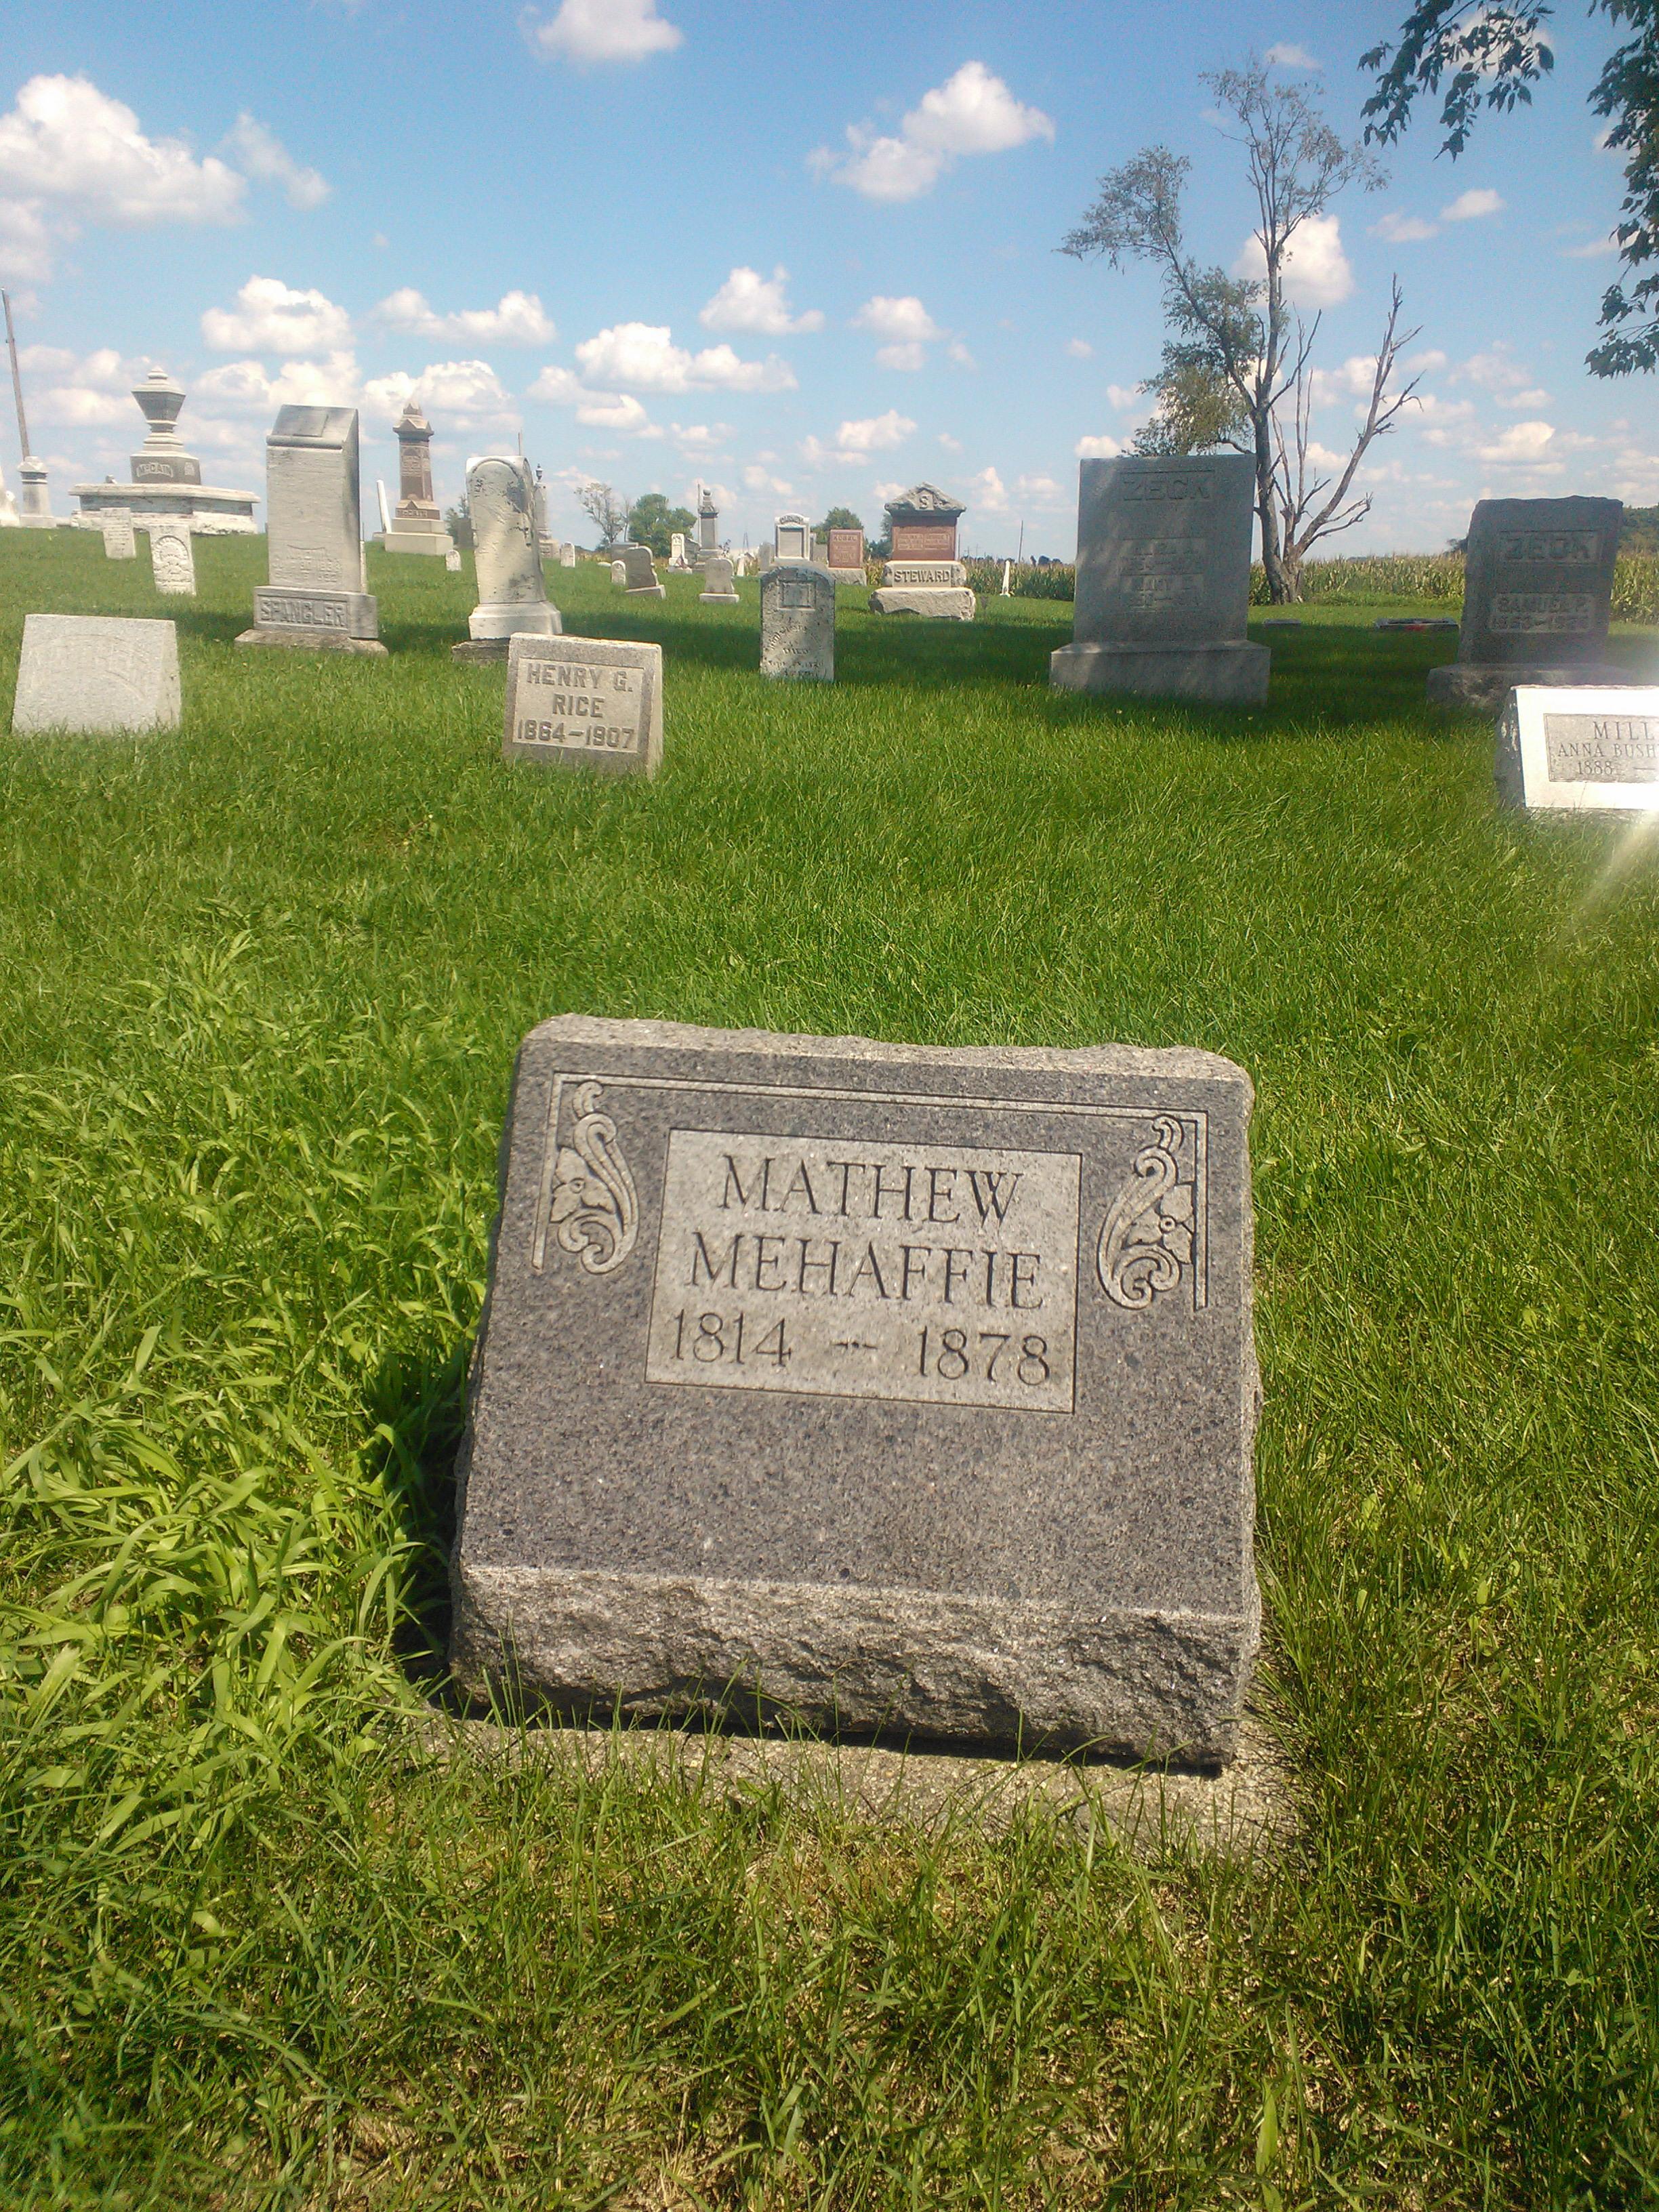 Robert Mehaffie